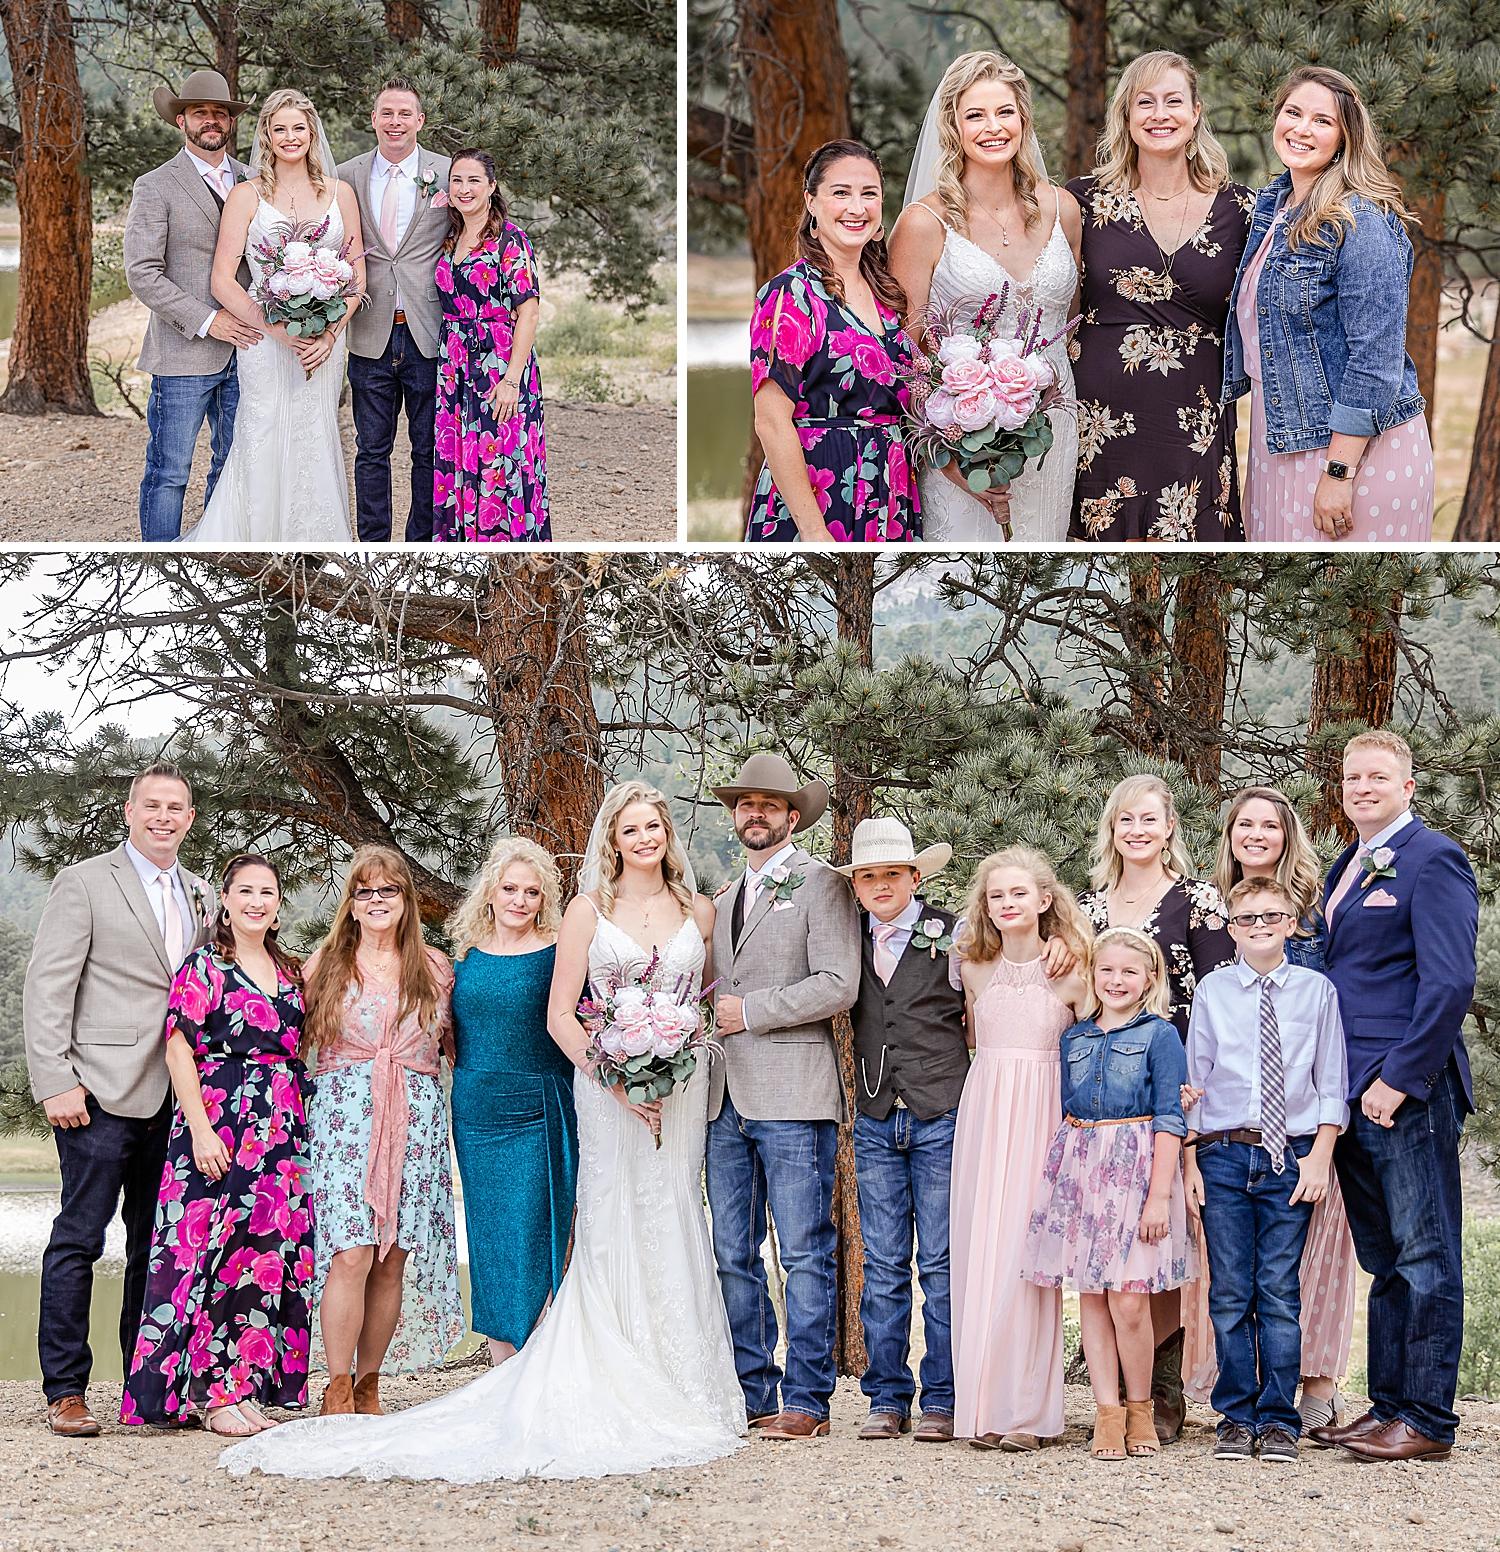 Carly-Barton-Photography-Rocky-Mountain-National-Park-Estes-Park-Wedding-Elopement_0107.jpg